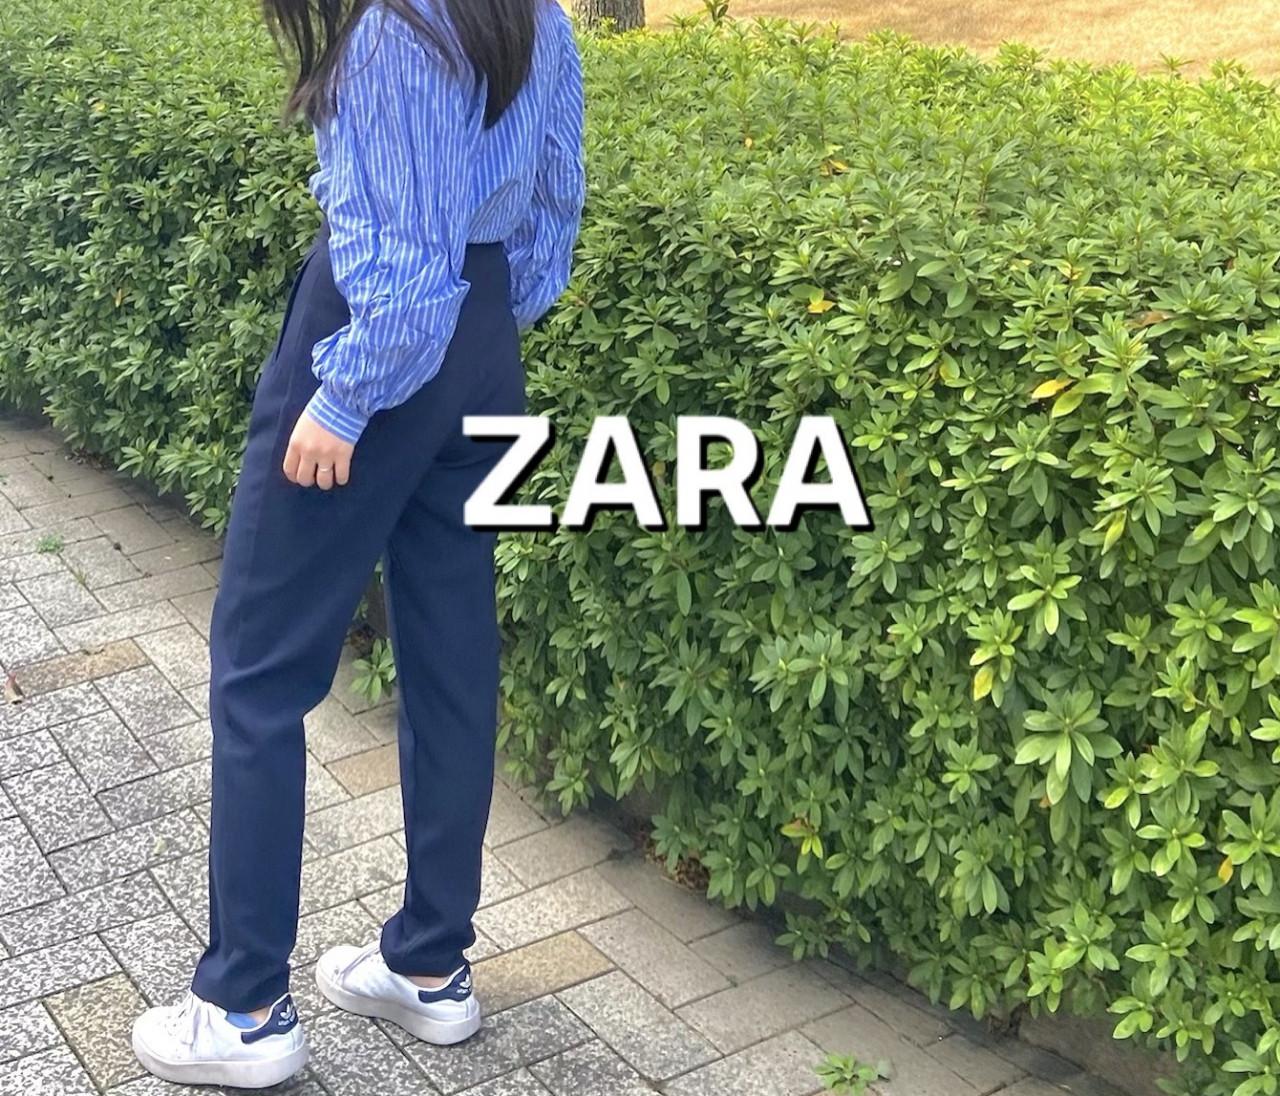 【ZARA】話題の美パンツ、噂は本当でした!完売まちがいなしの高コスパ・優秀さ◎